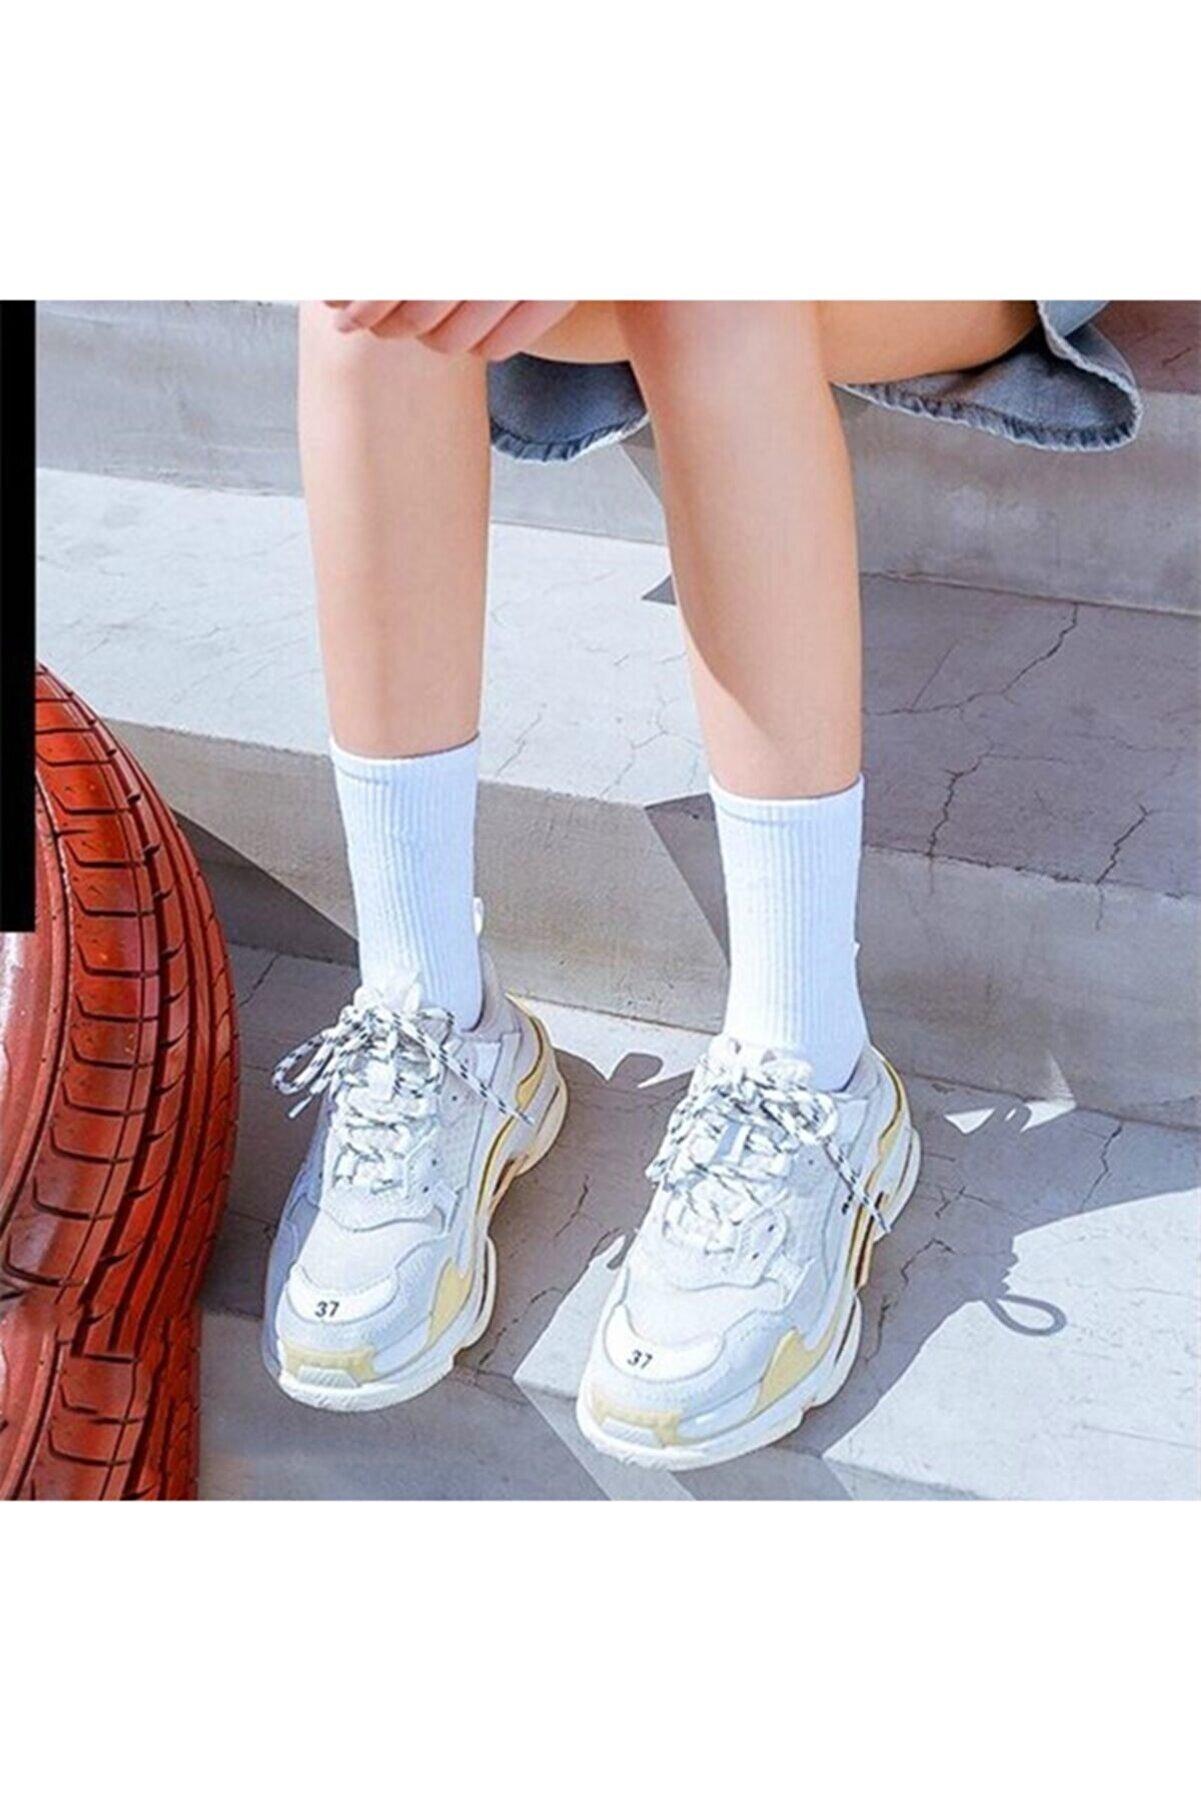 çorapmanya Çizgisiz Pamuklu Kolej Tenis Beyaz Çorap 6' Lı